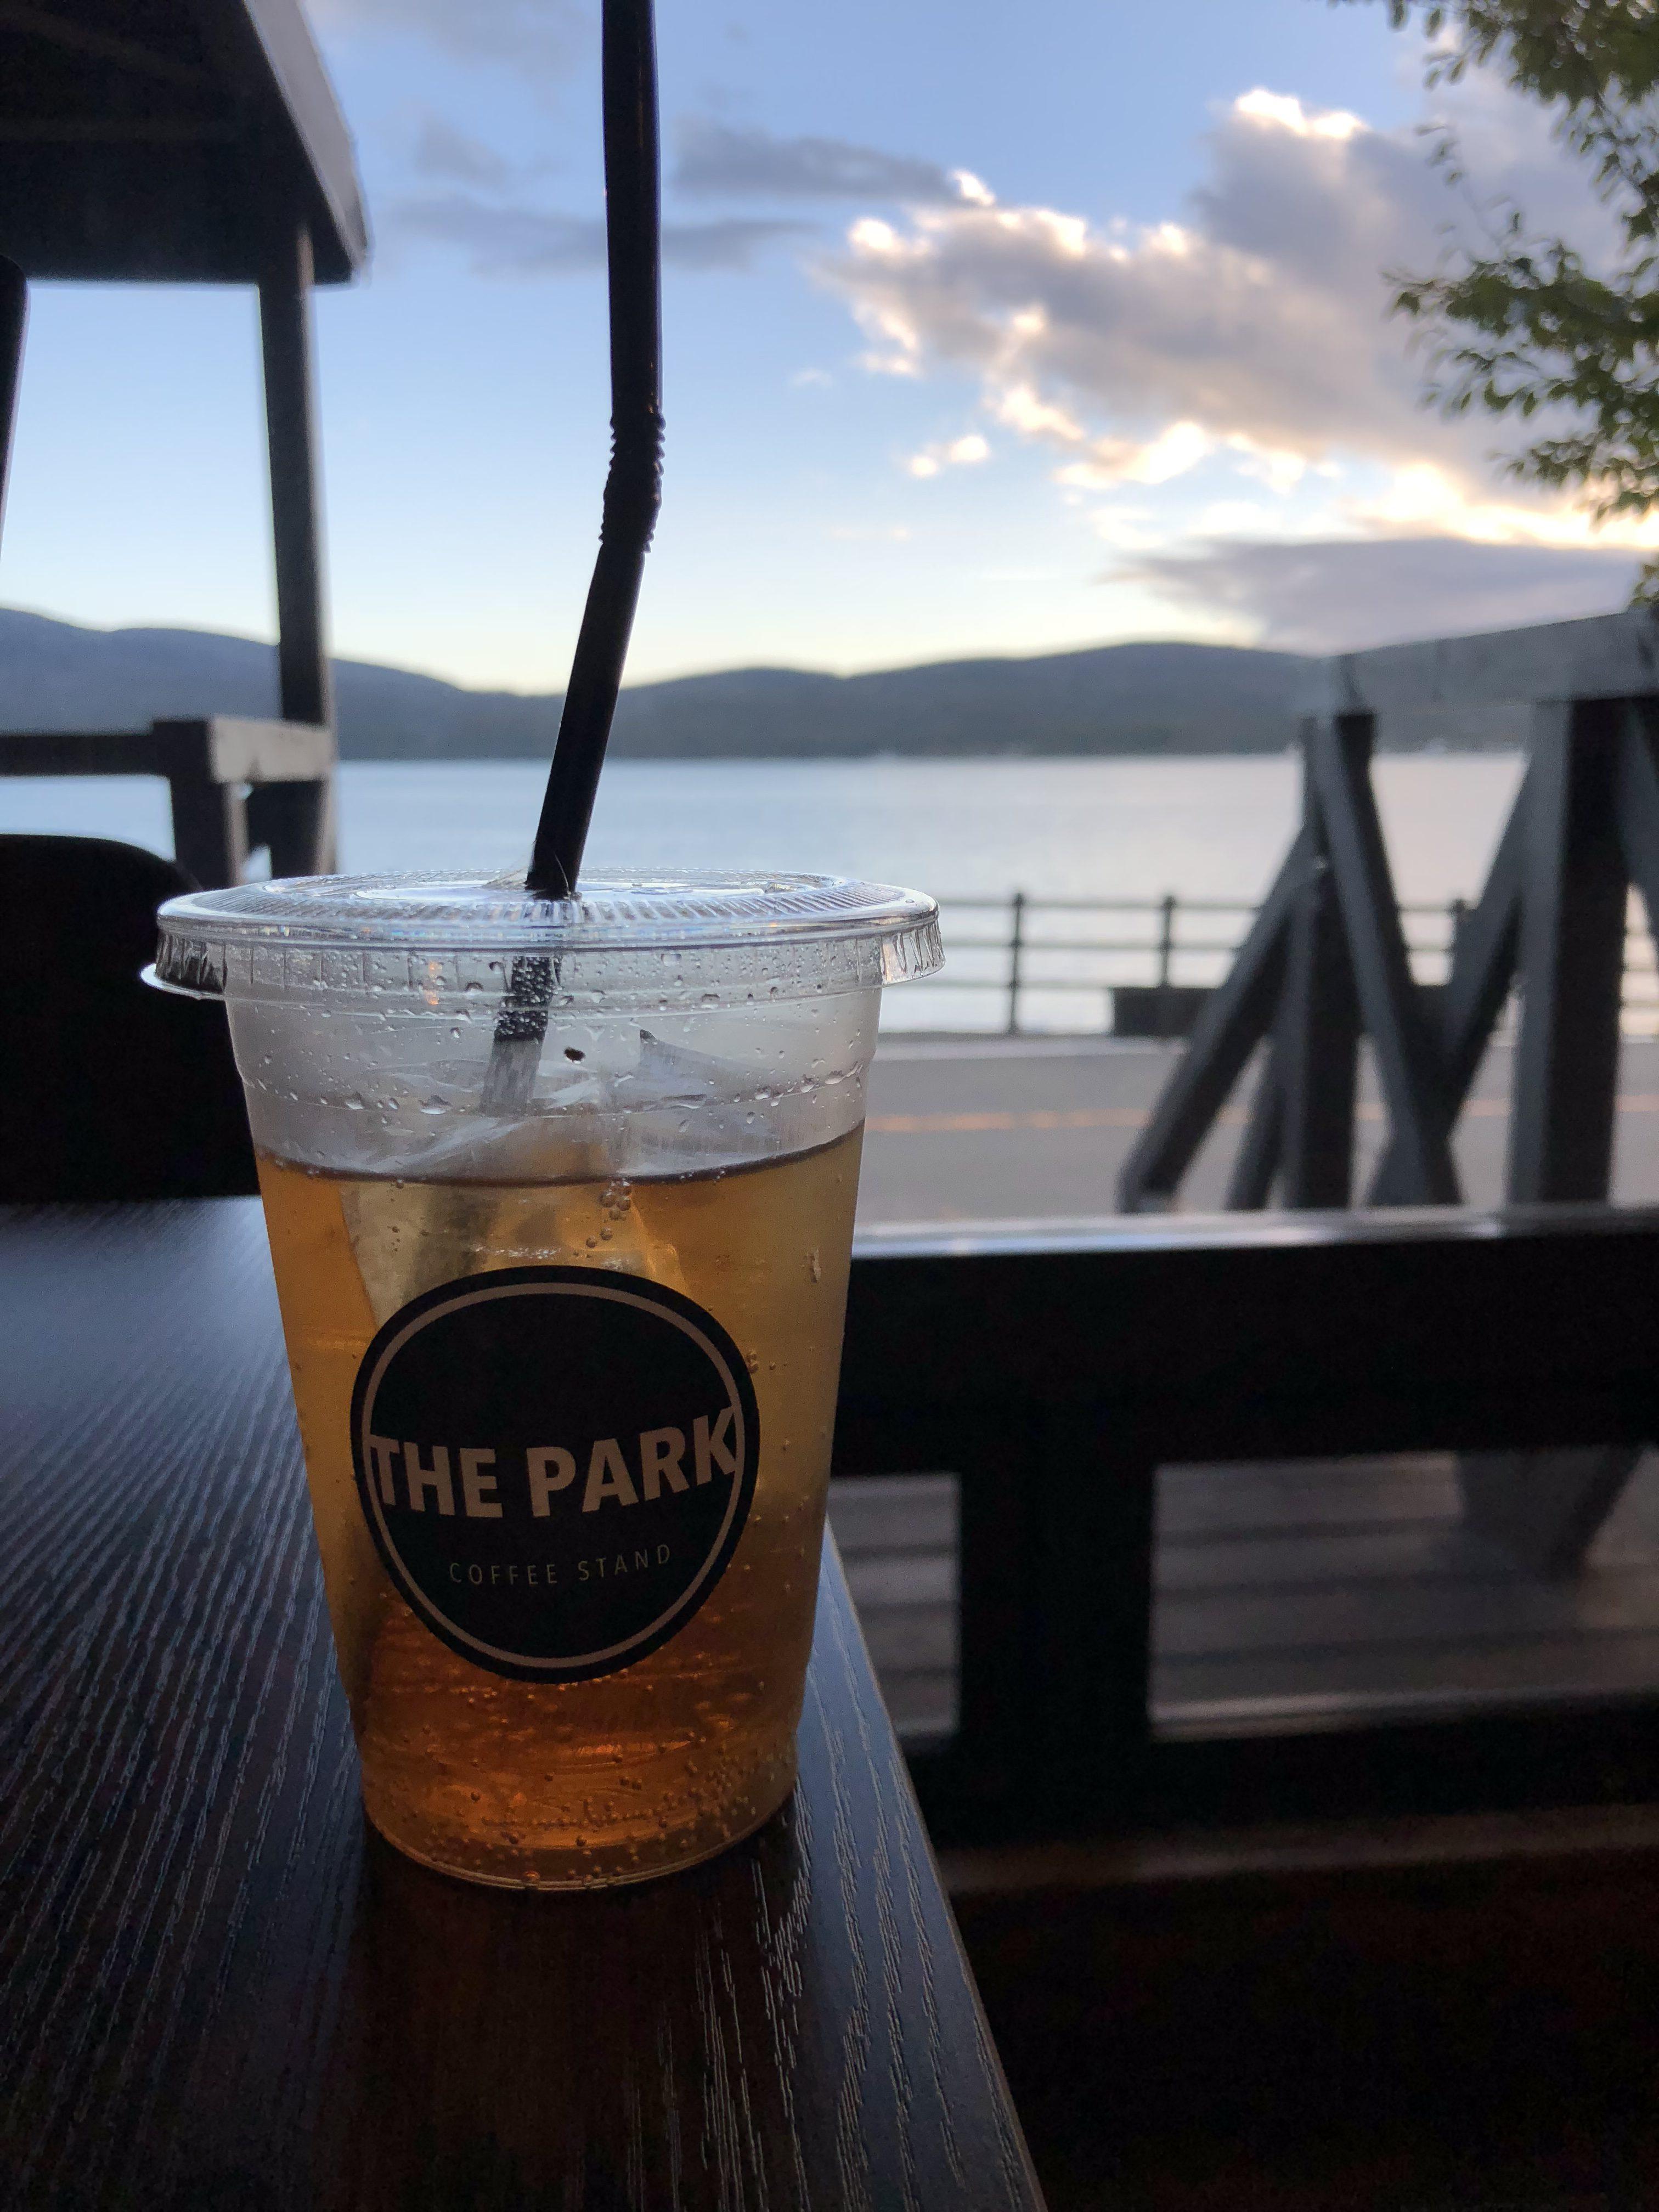 THE PARK 山中湖のコーヒースタンド|ウィルキンソンジンジャエール辛口